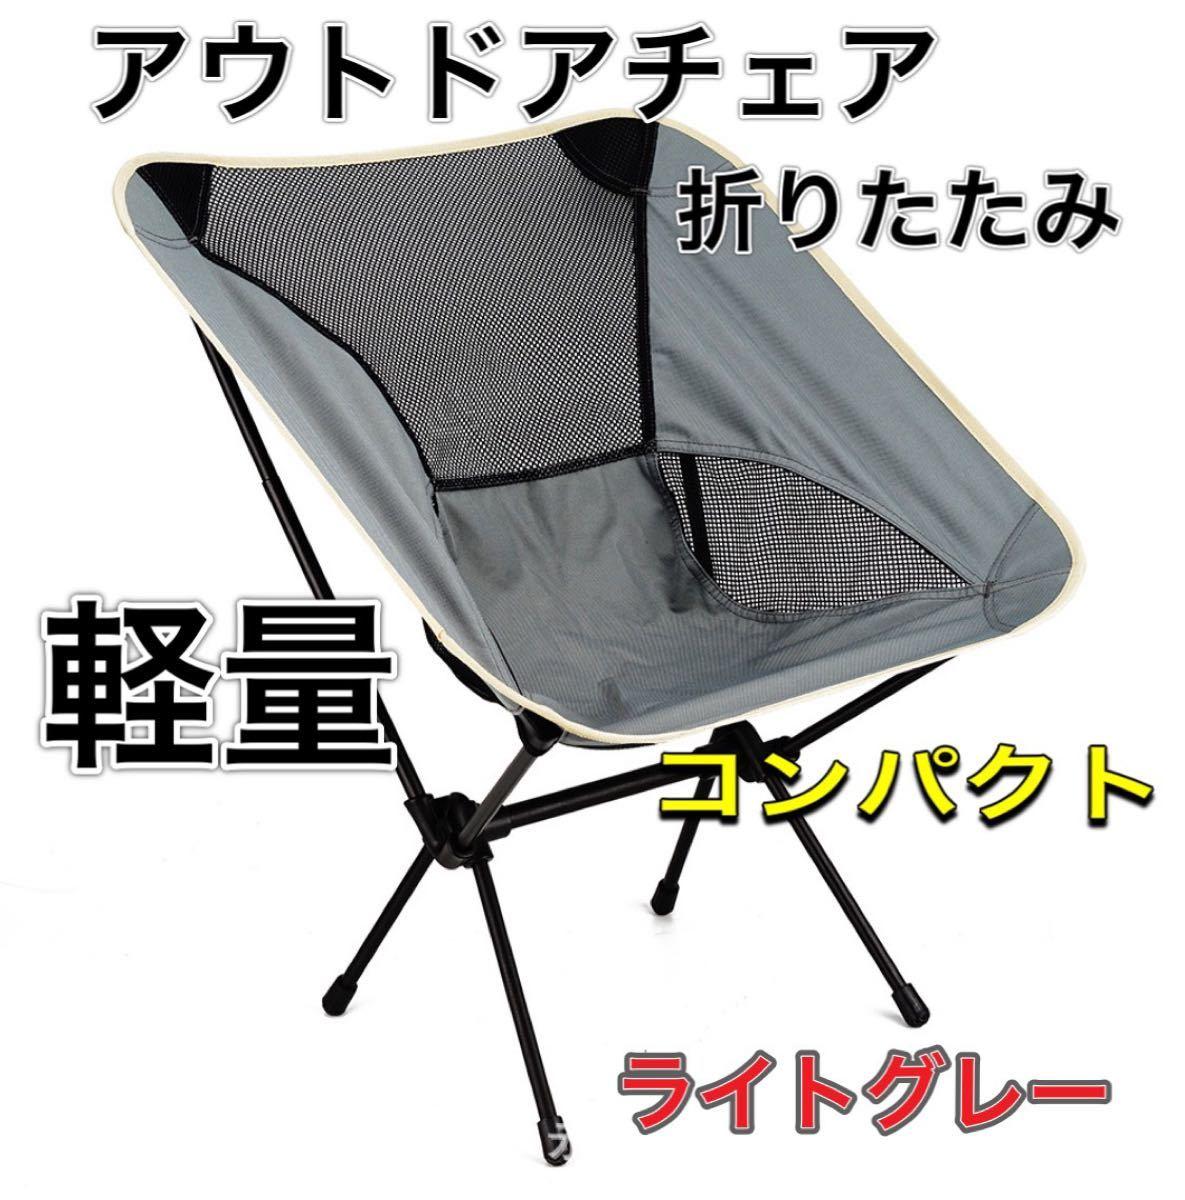 折りたたみアウトドアチェア キャンプ椅子 ライトグレー